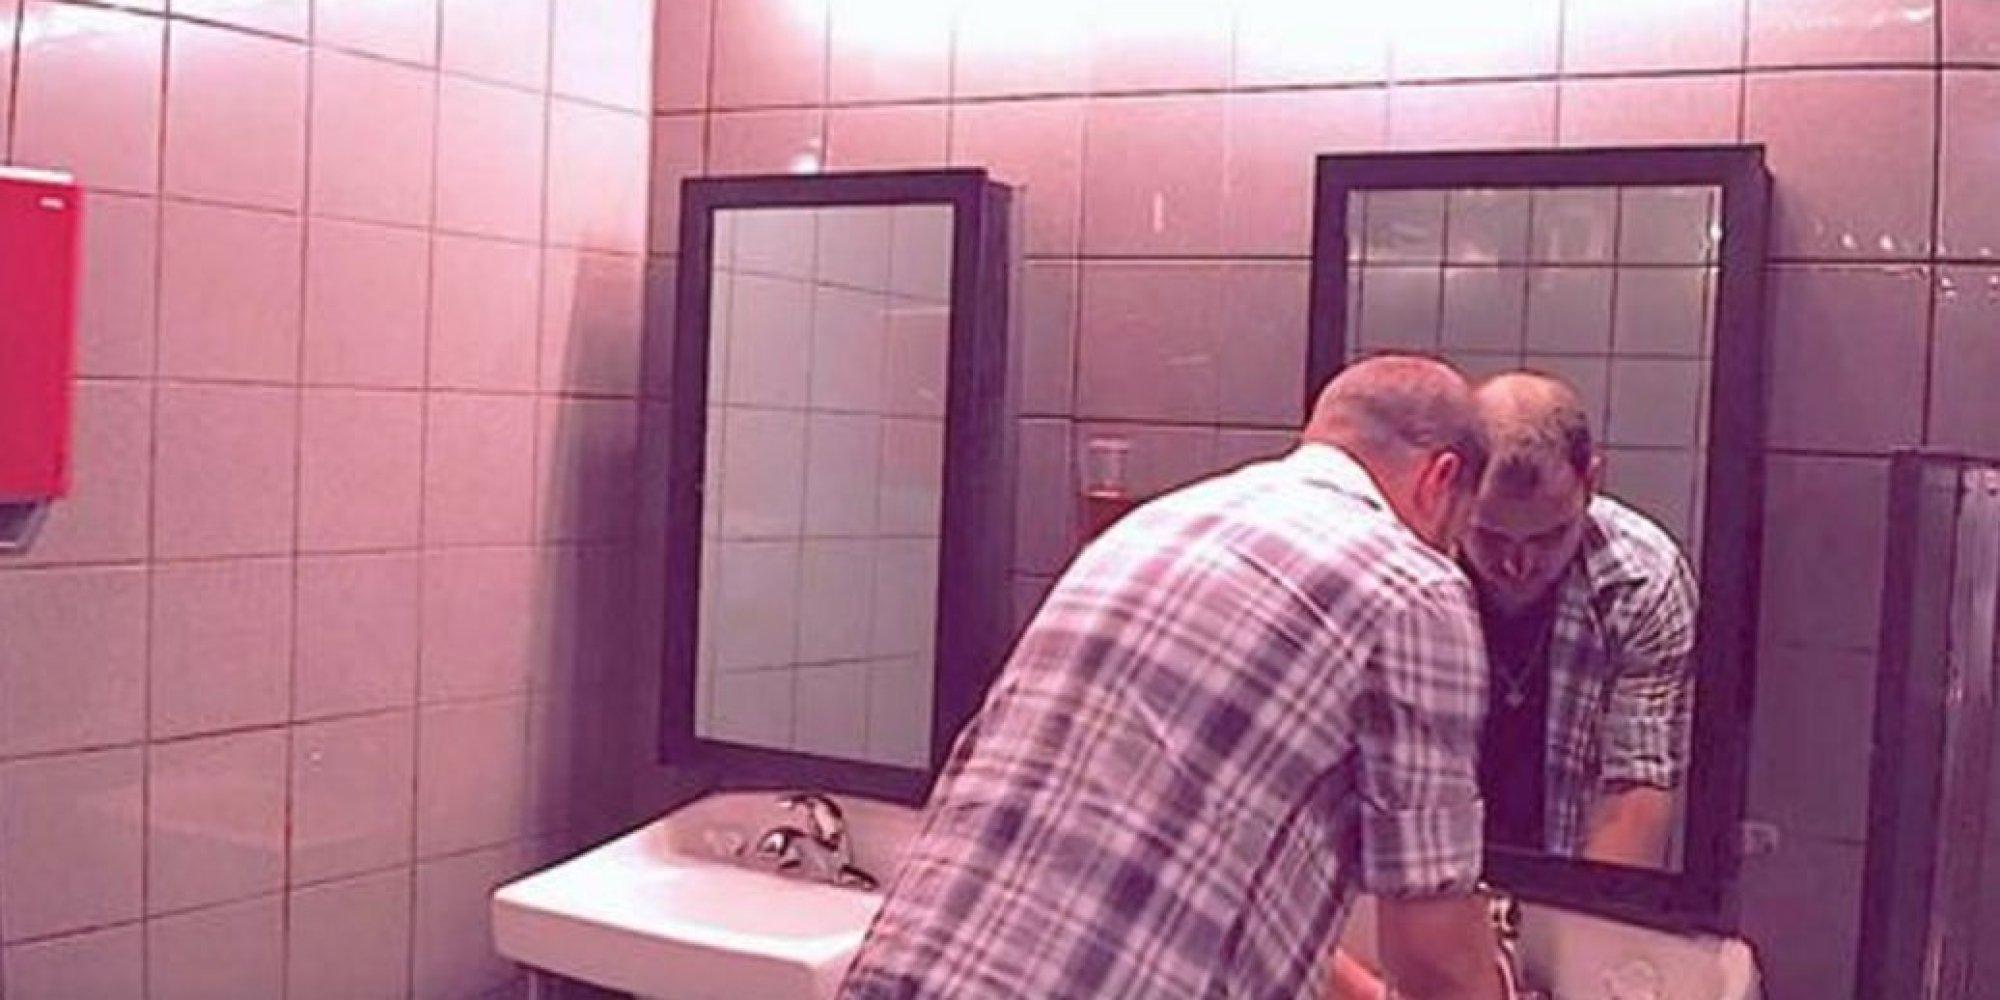 Auf der toilette im nachtclub sieht er pl tzlich einen for Facebook spiegel